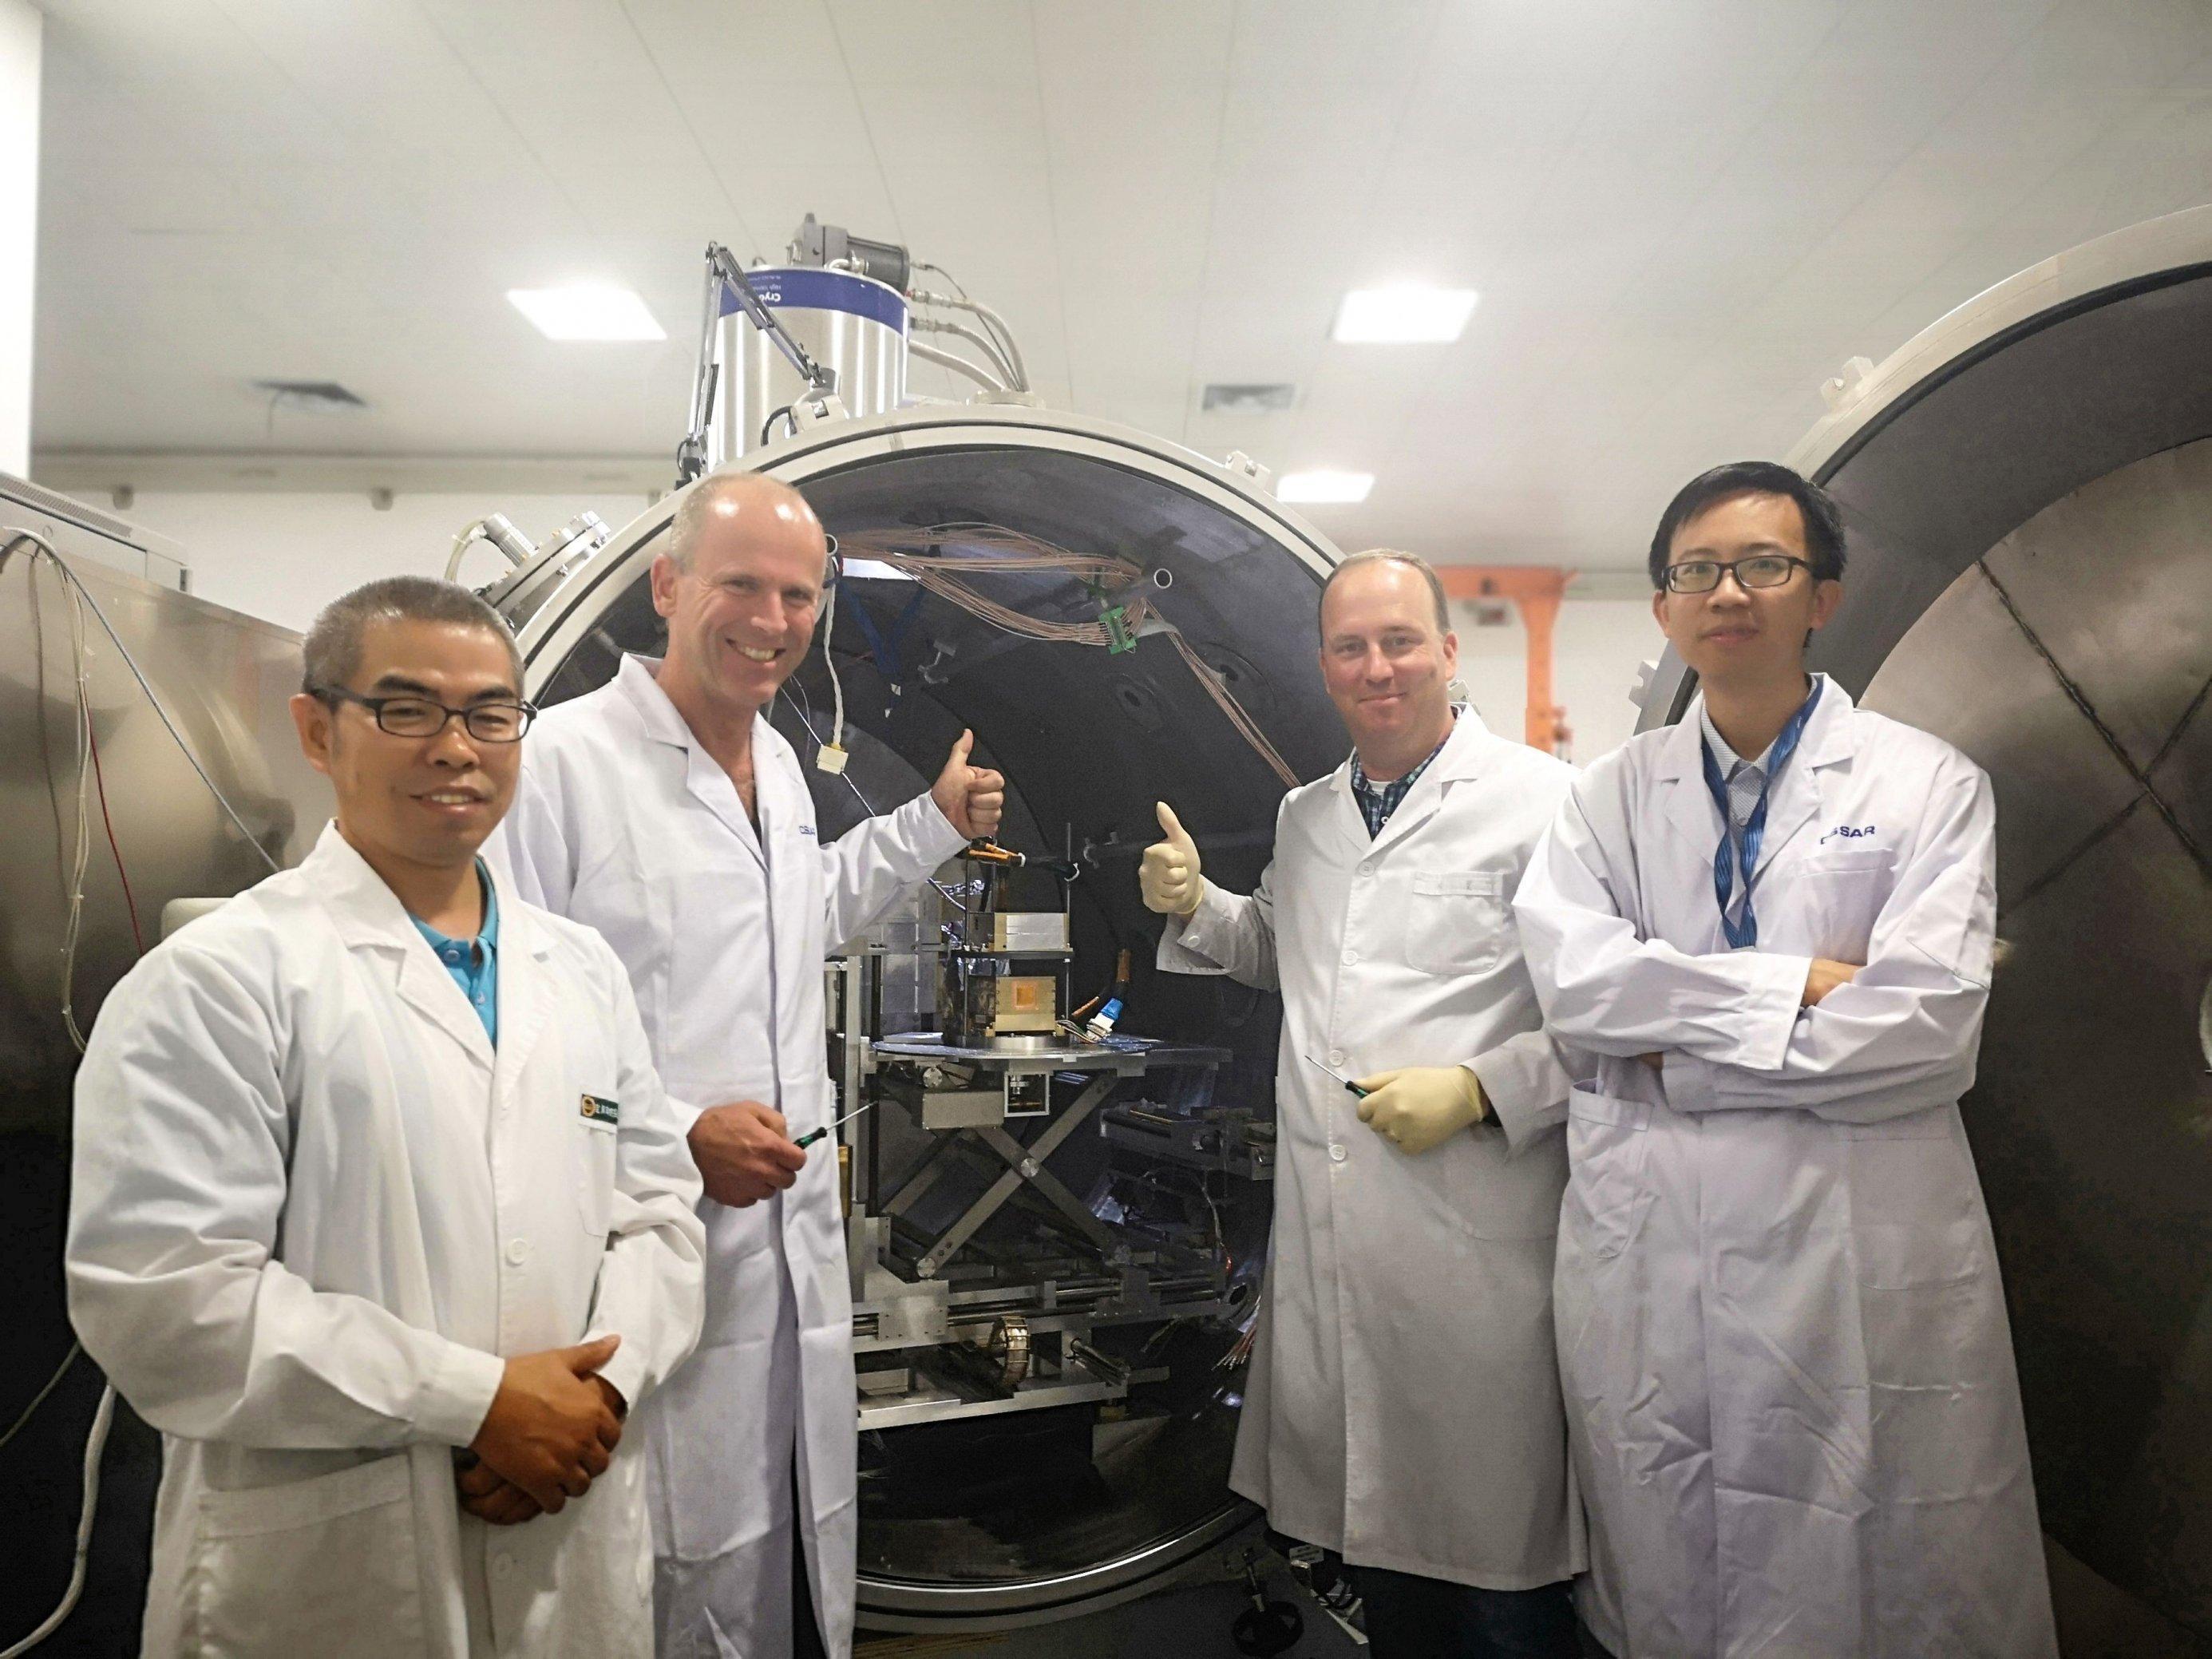 Forscher kalibrieren das Kieler Instrument in der Mondsonde in Peking.